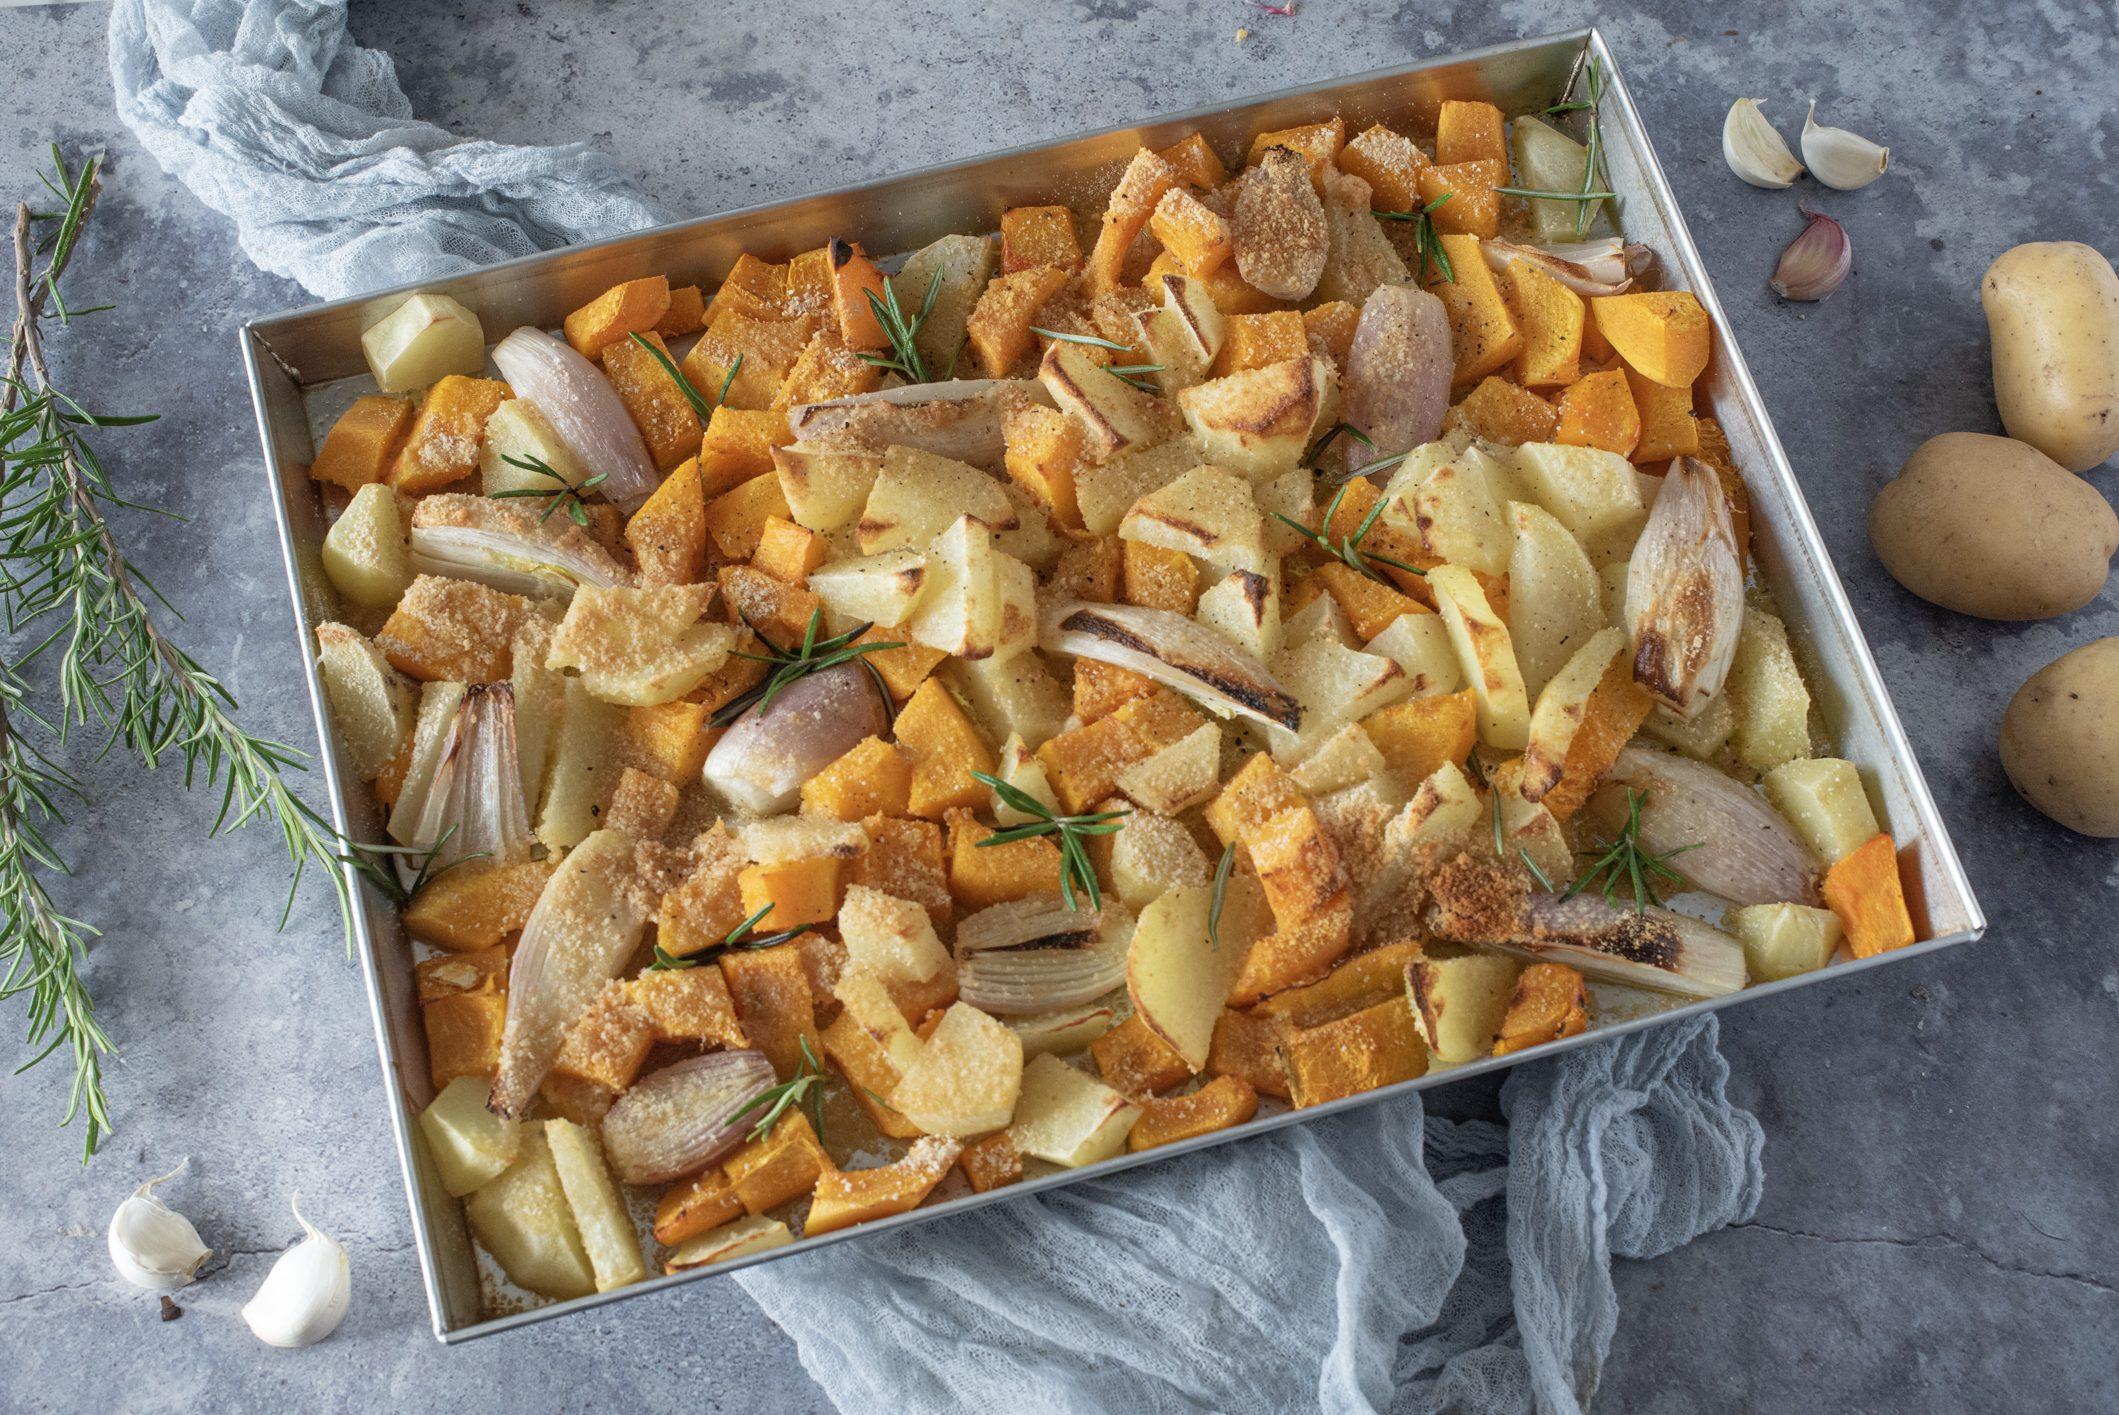 Zucca e patate gratinate: la ricetta del contorno semplice e irresistibilmente croccante